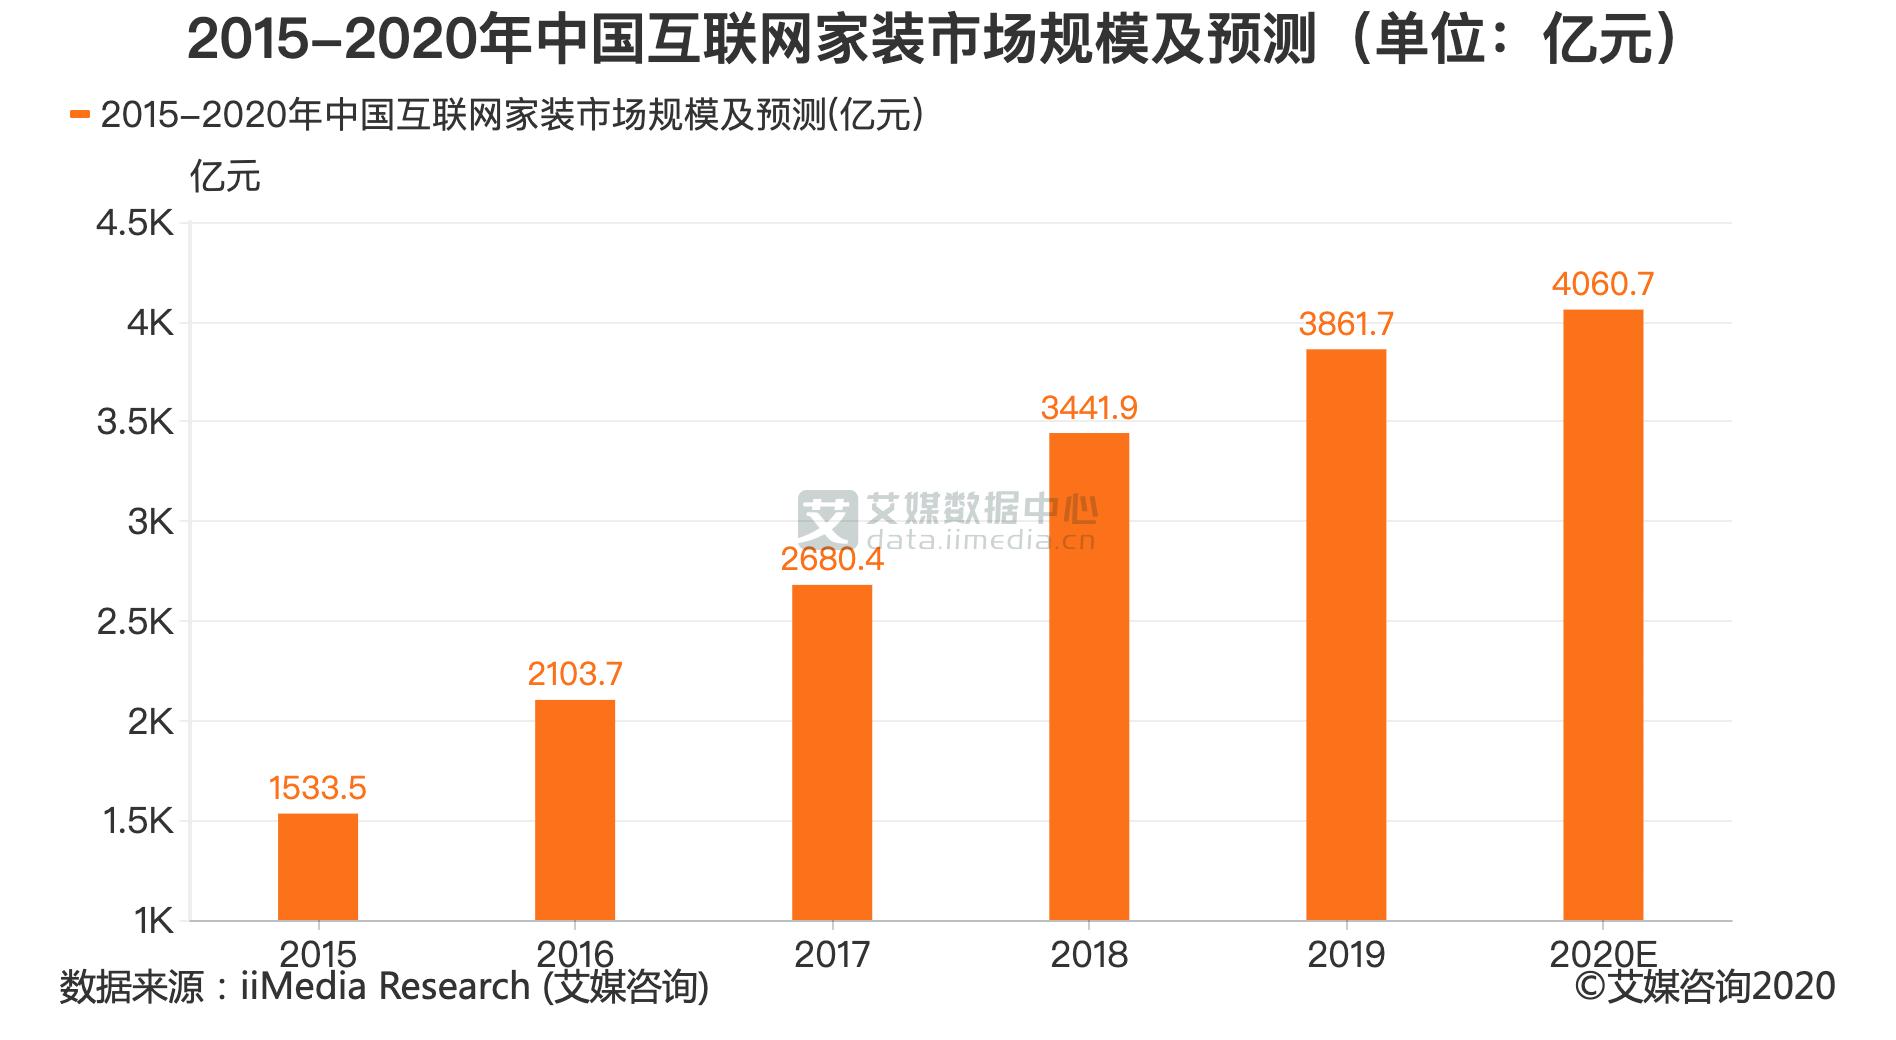 2015-2020年中国互联网家装市场规模及预测(单位:亿元)